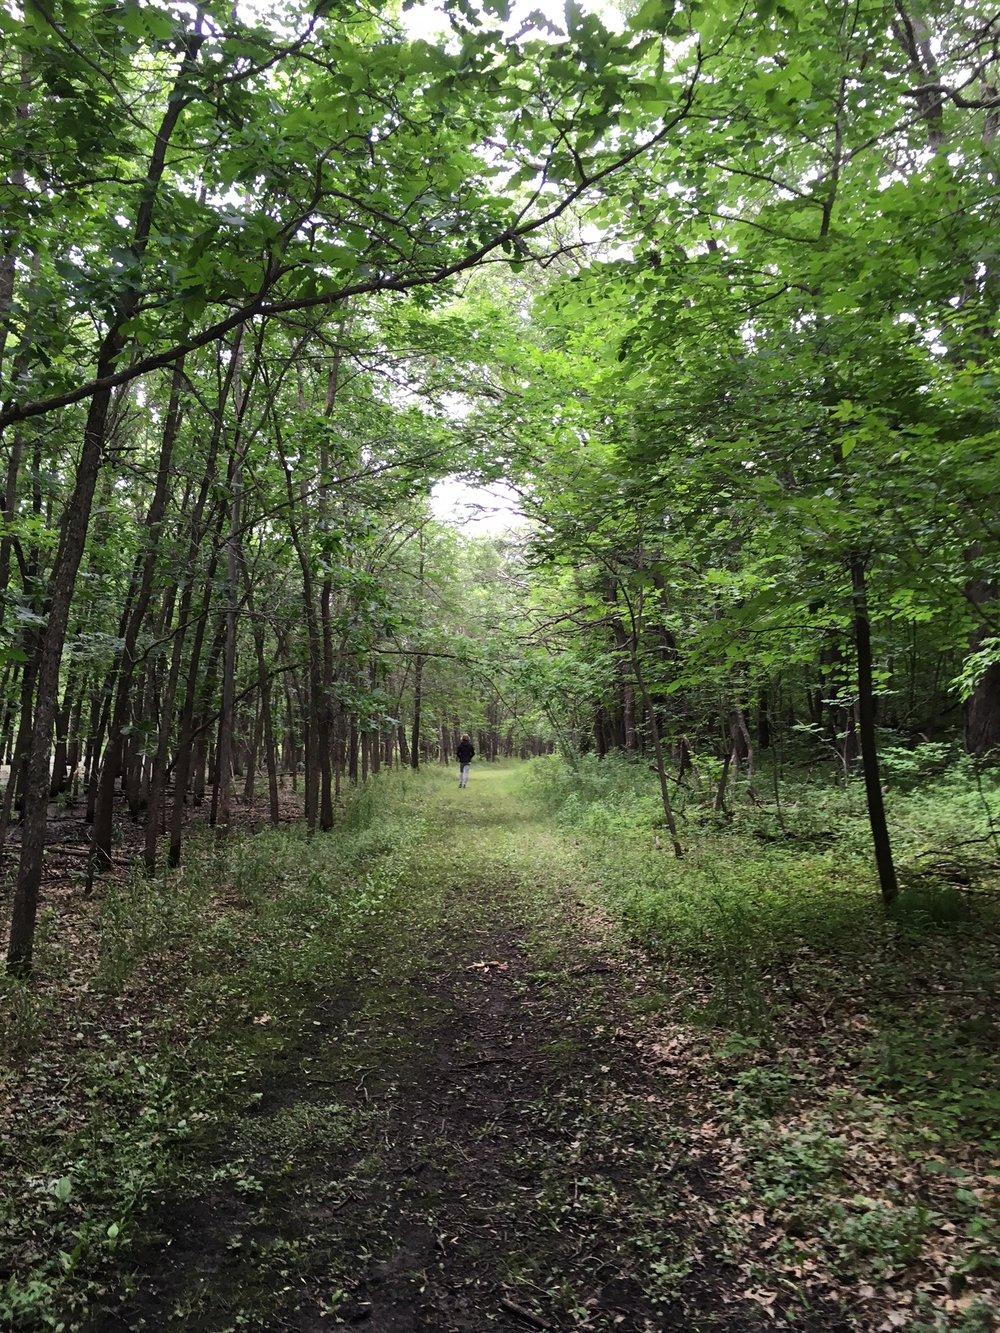 forest photo 3.jpg